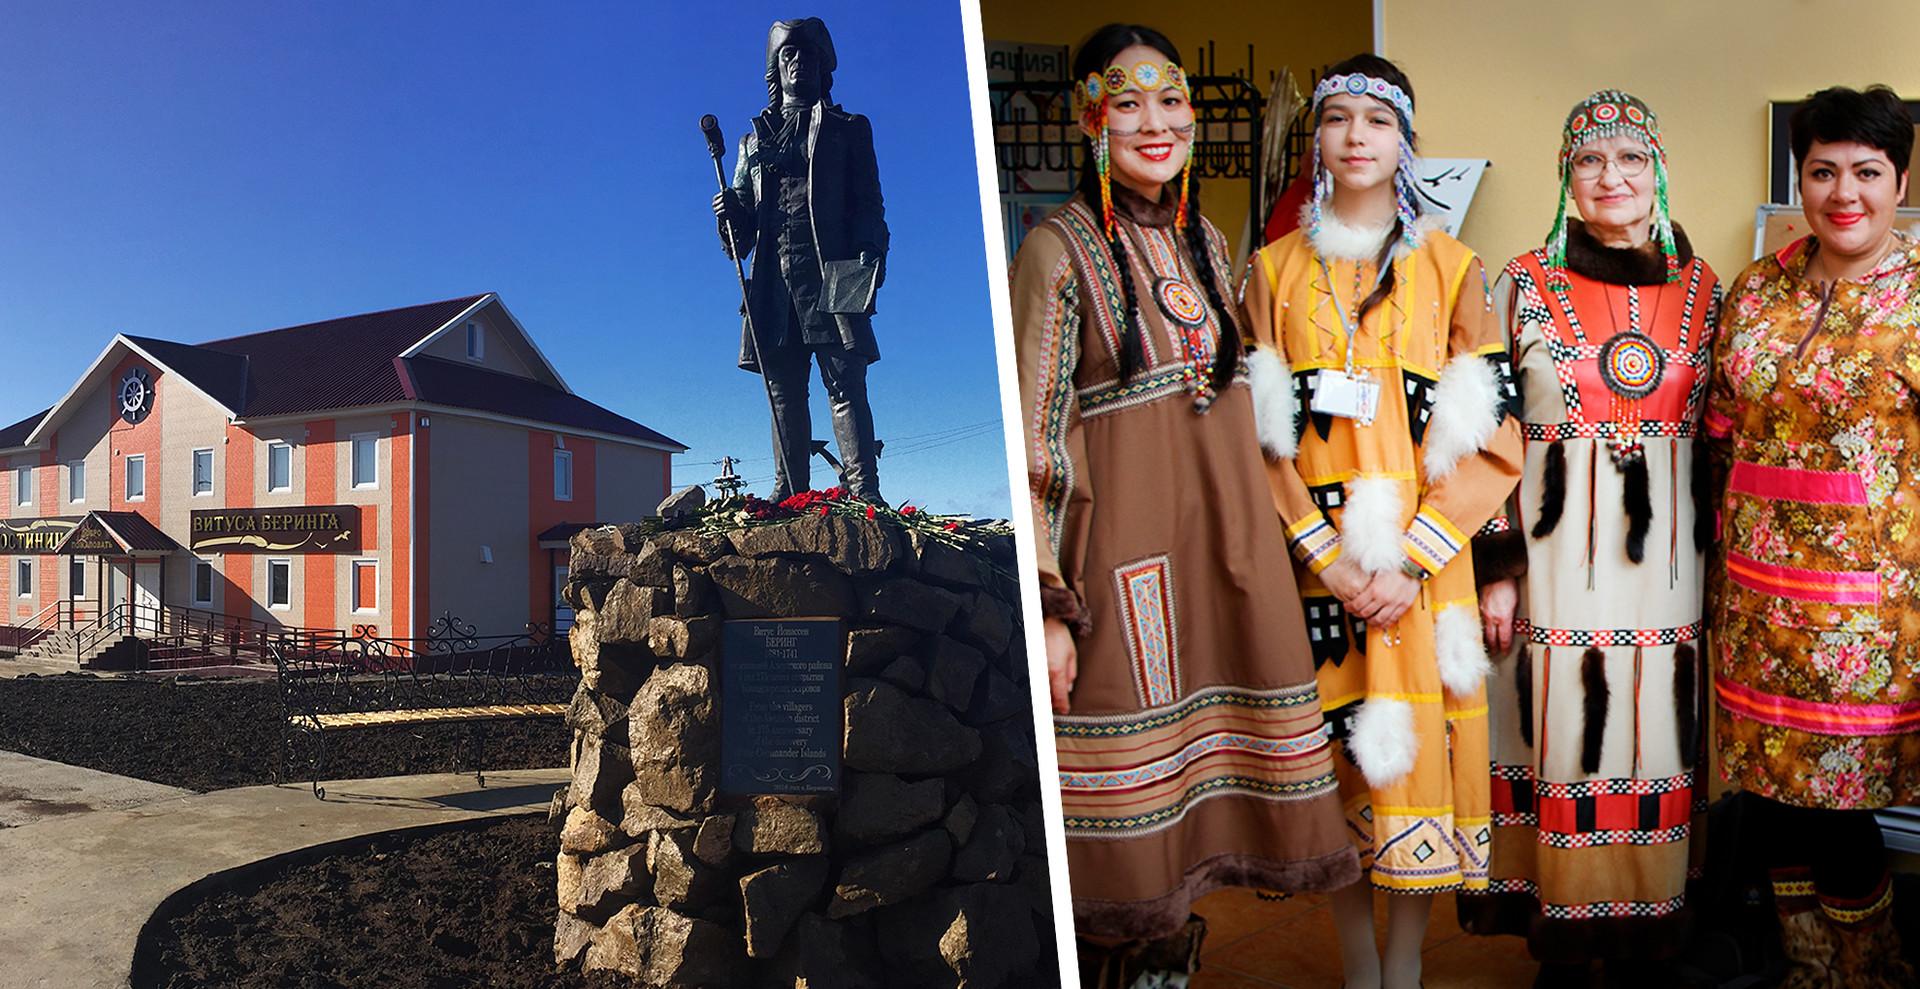 Жители острова Беринга в традиционных костюмах алеутов.